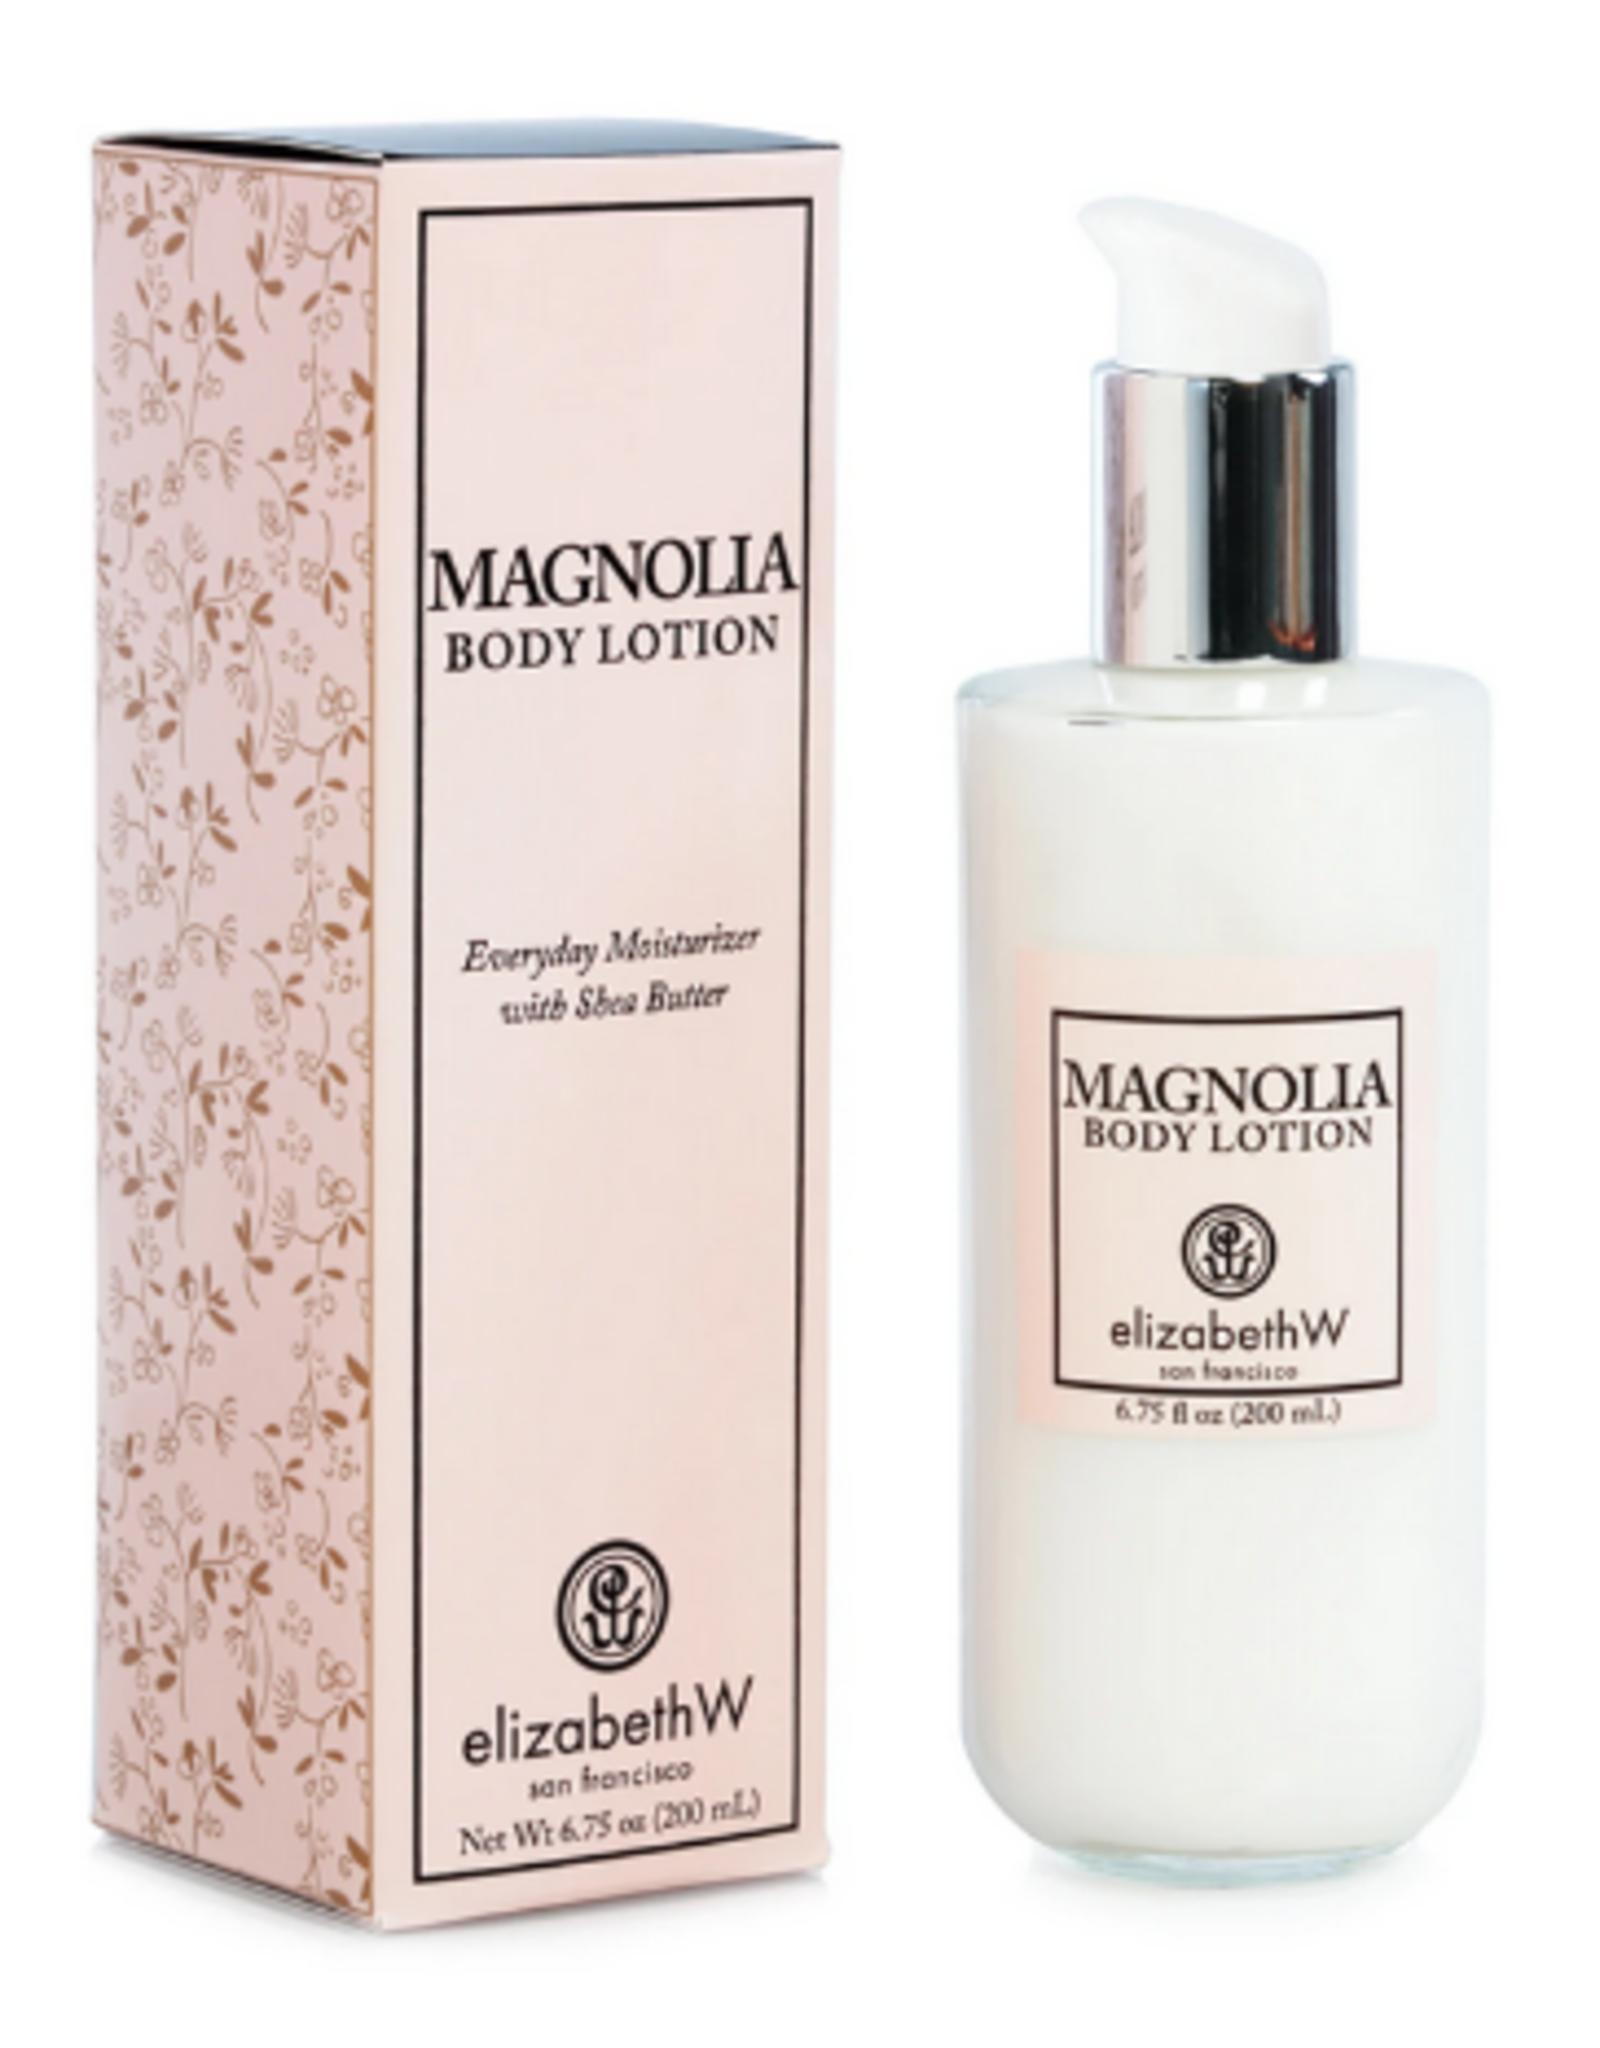 ELIZABETH W Body Lotion - Magnolia